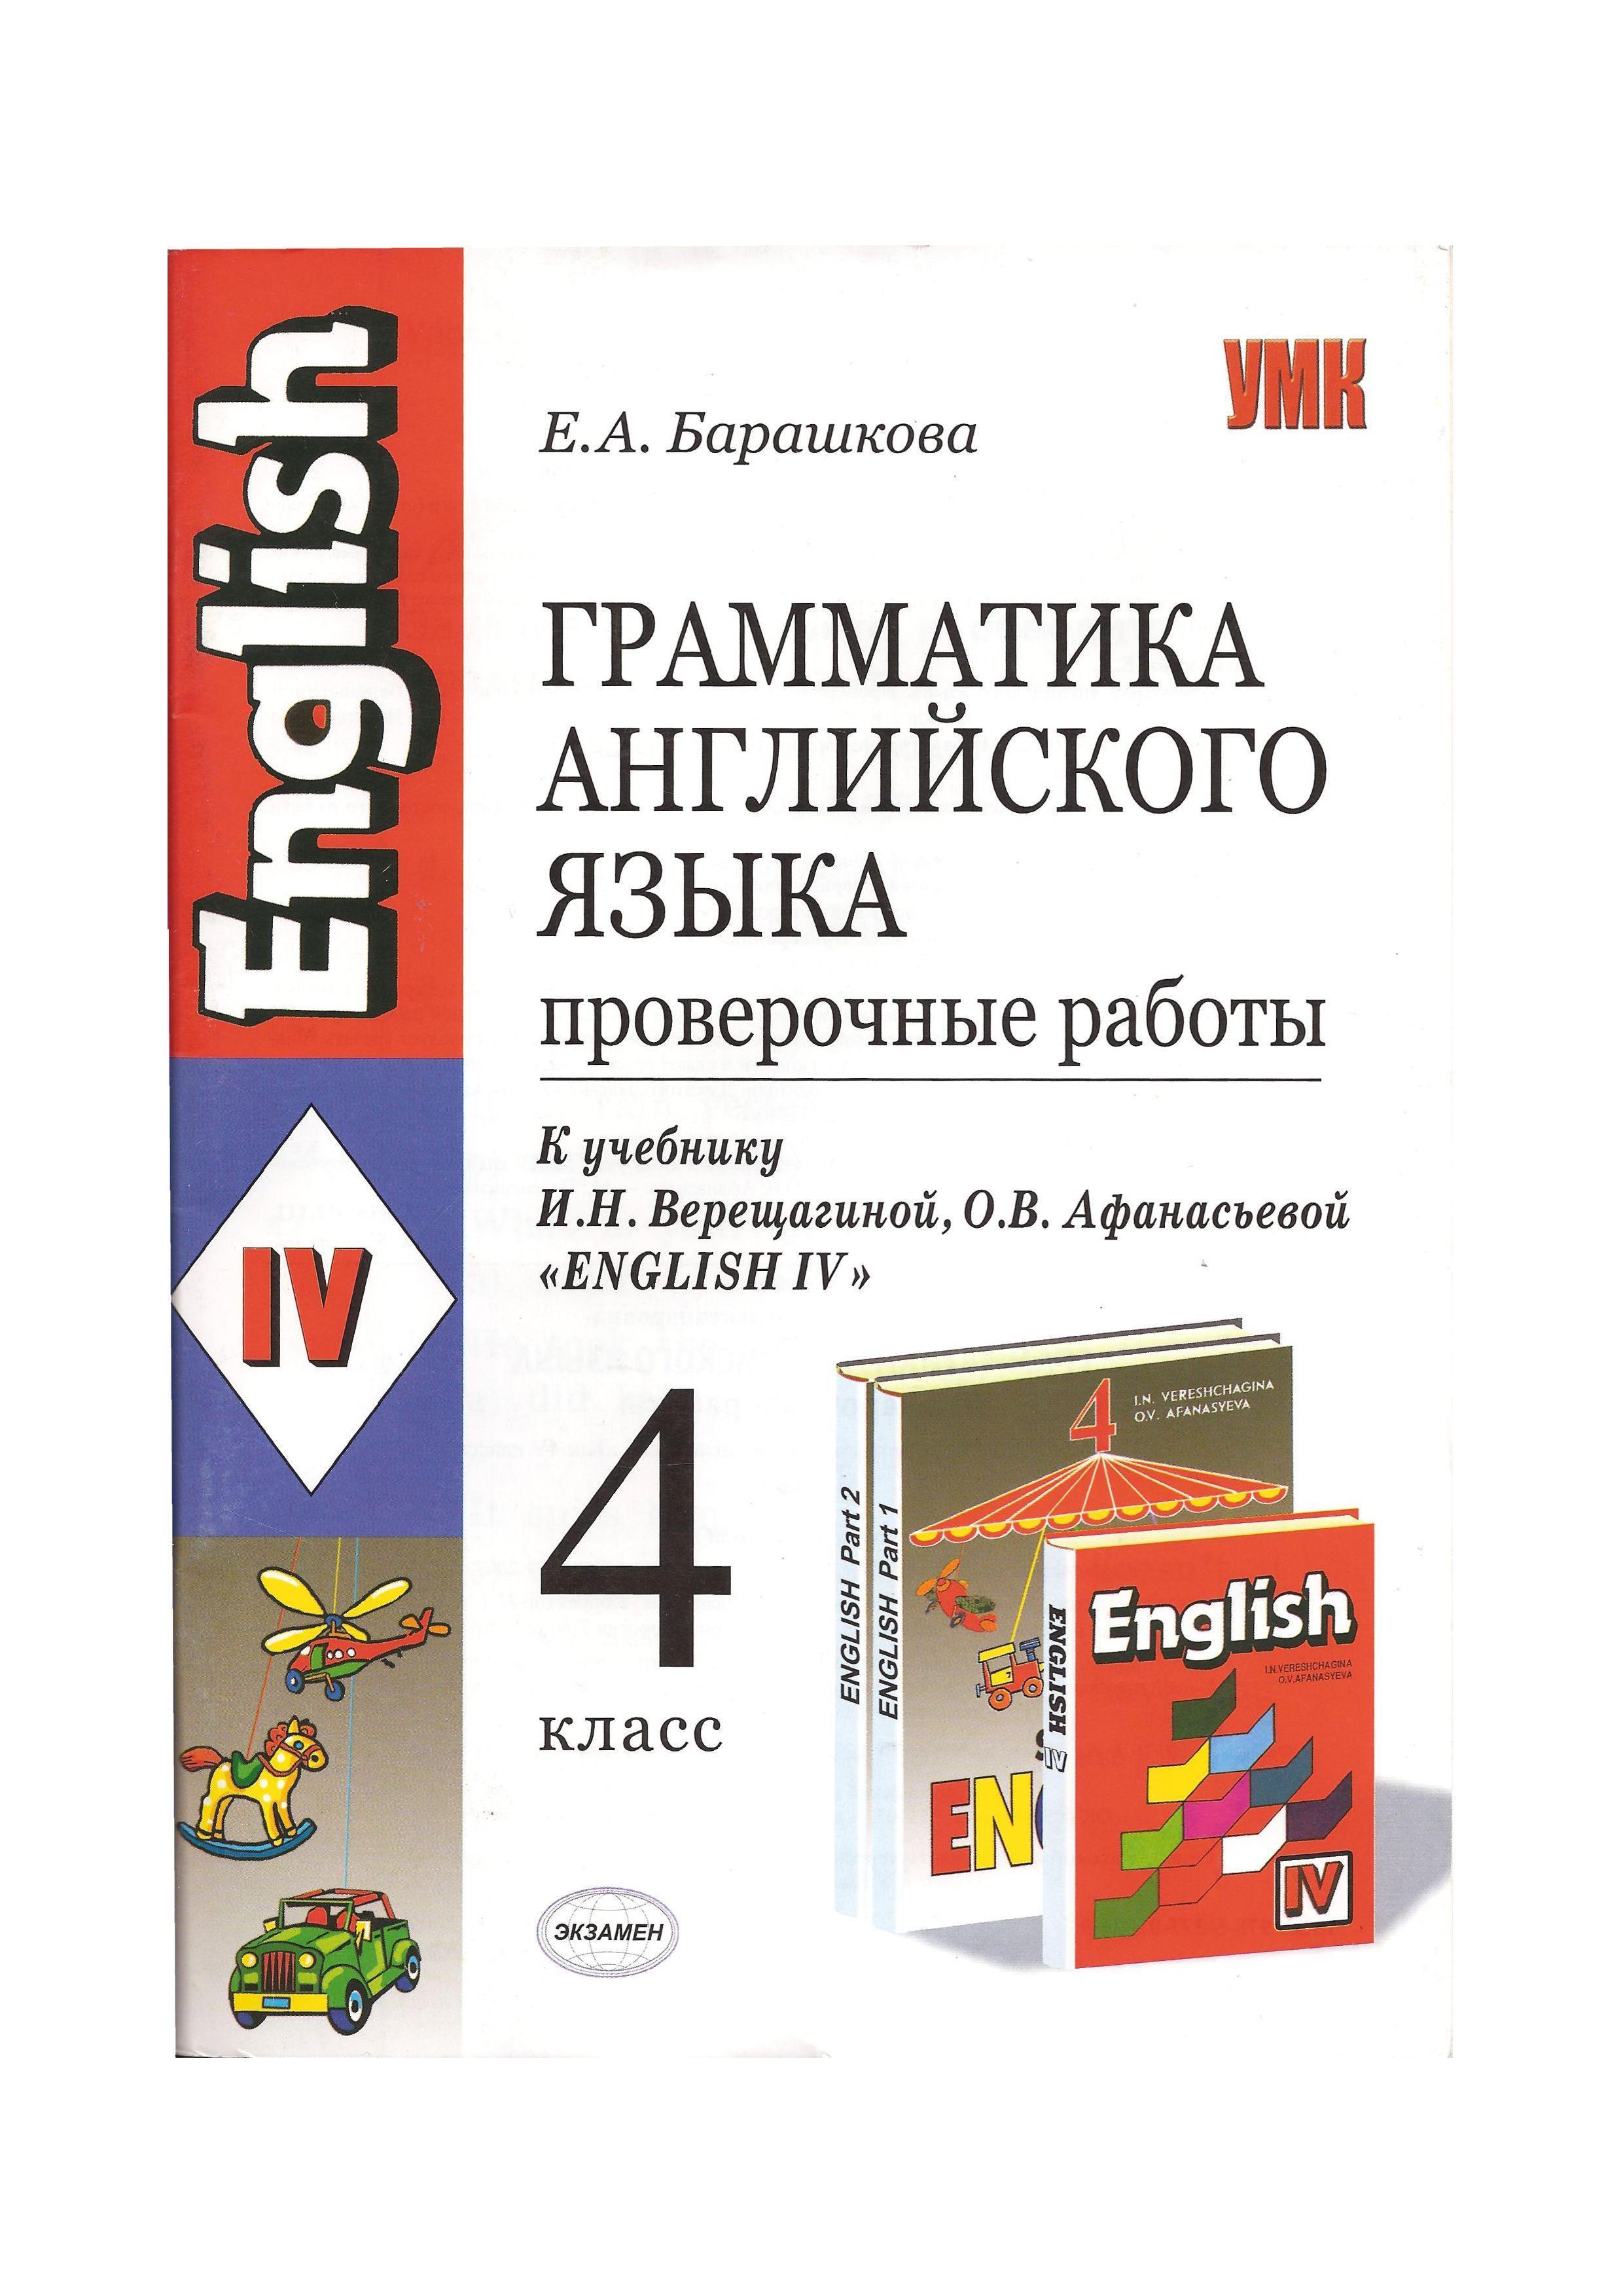 Учебник верещагина англ яз 1 кл для углубленного изучения скачать